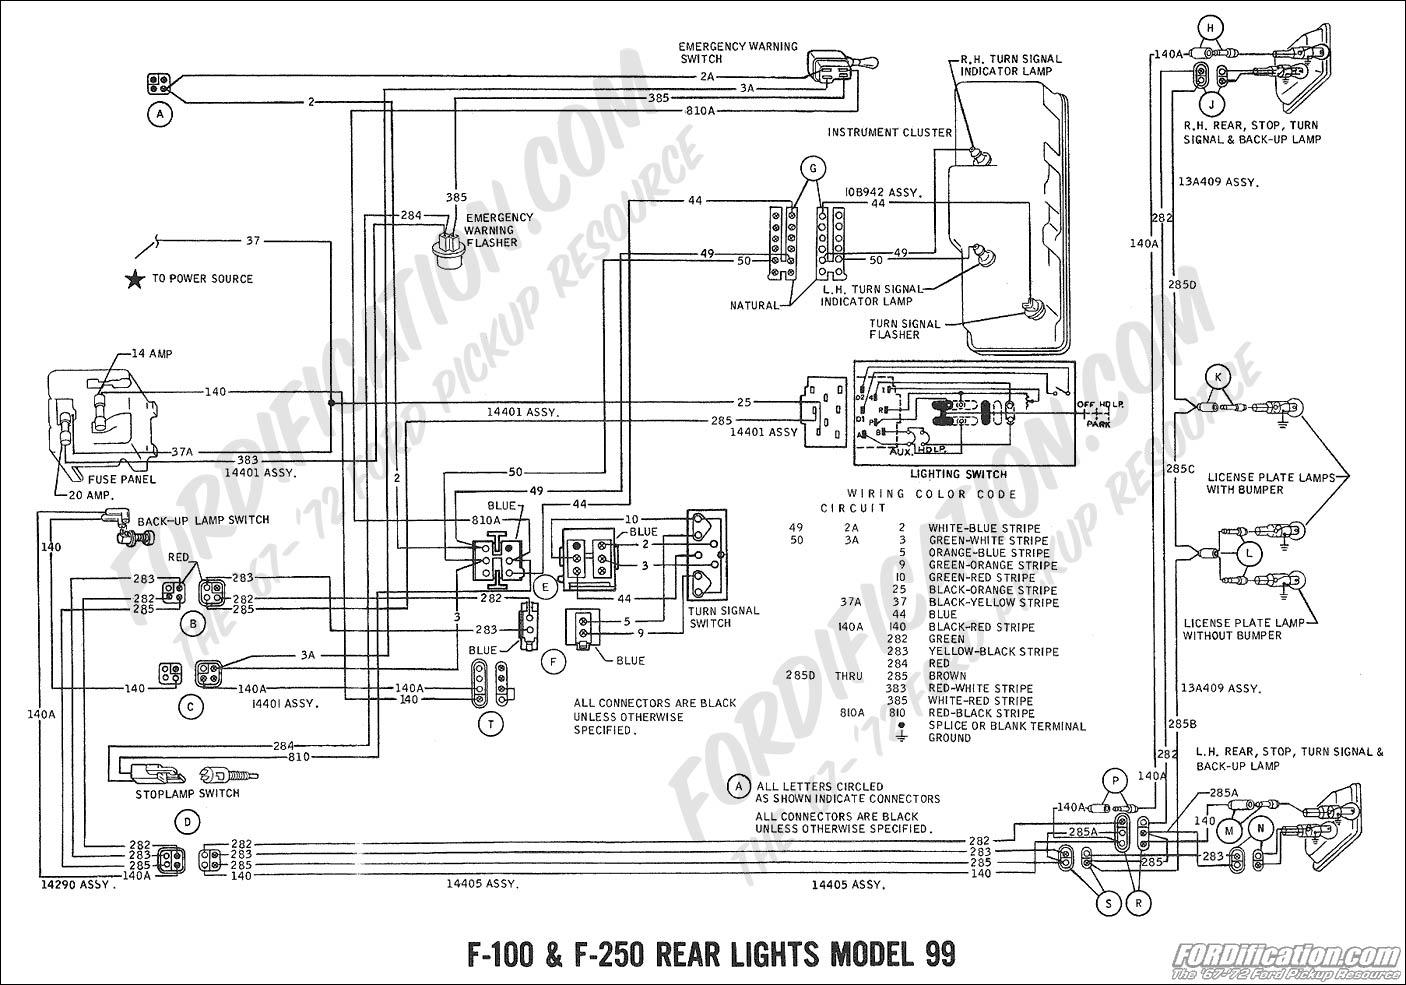 1971 ford ltd wiring diagram